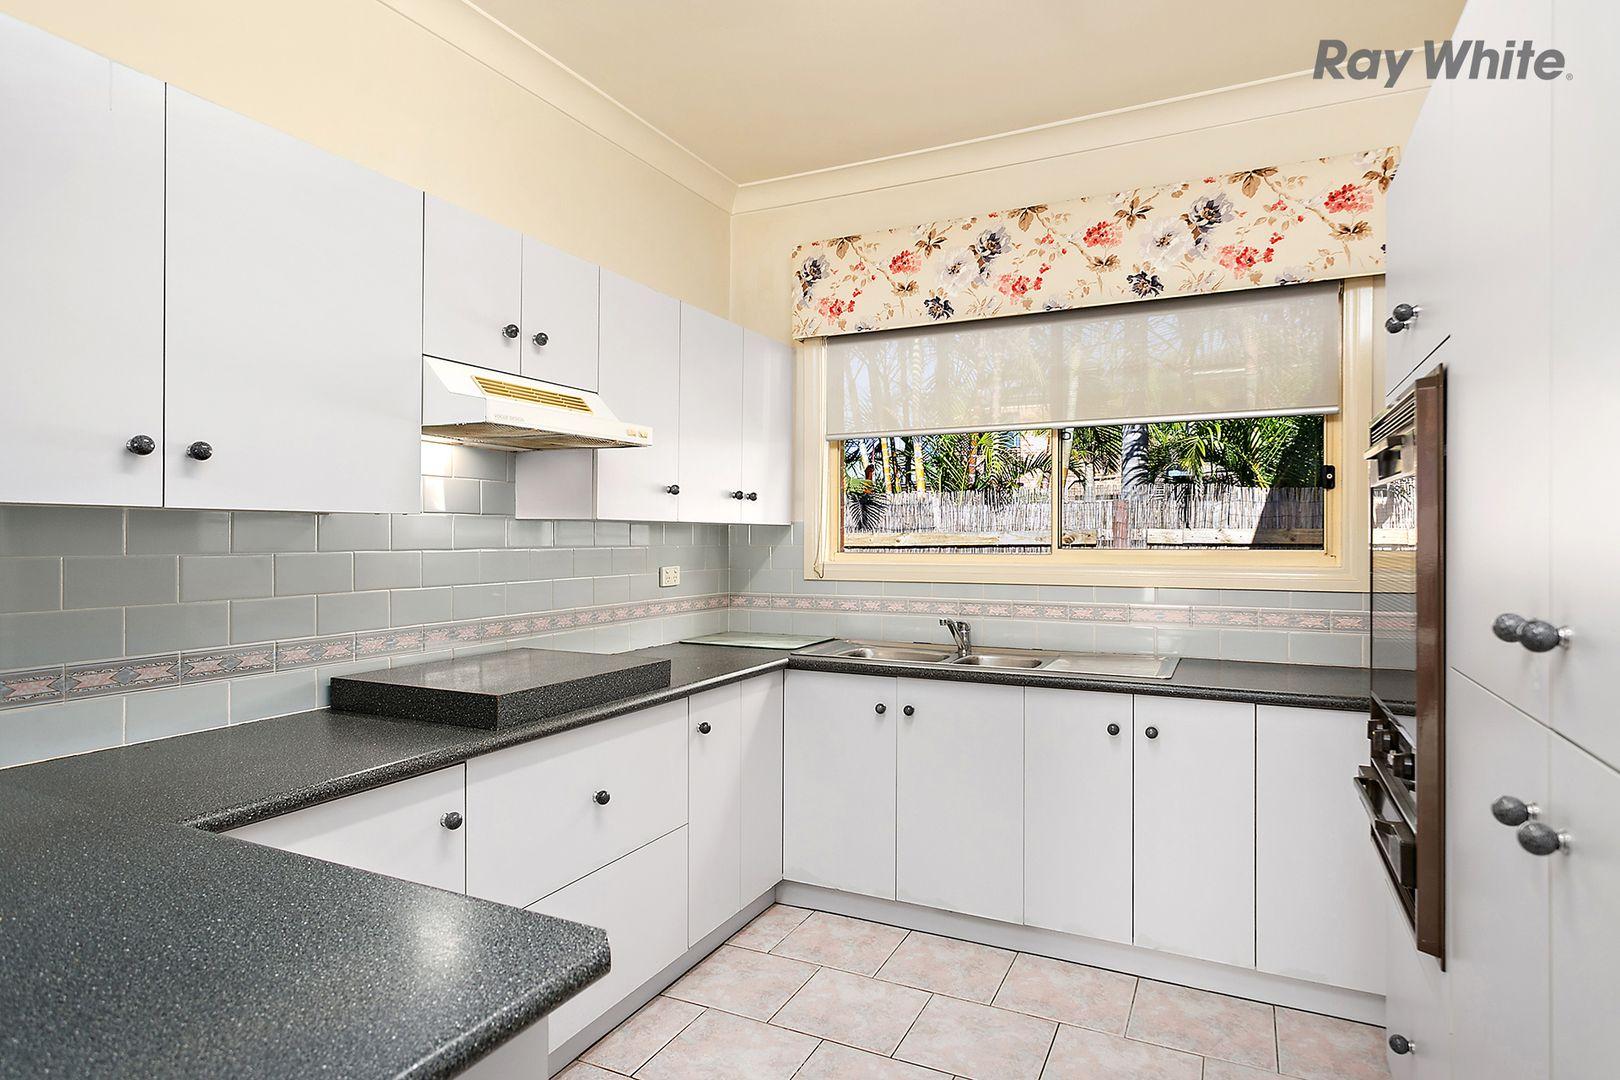 2/37 Griffiths Street, Oak Flats NSW 2529, Image 1